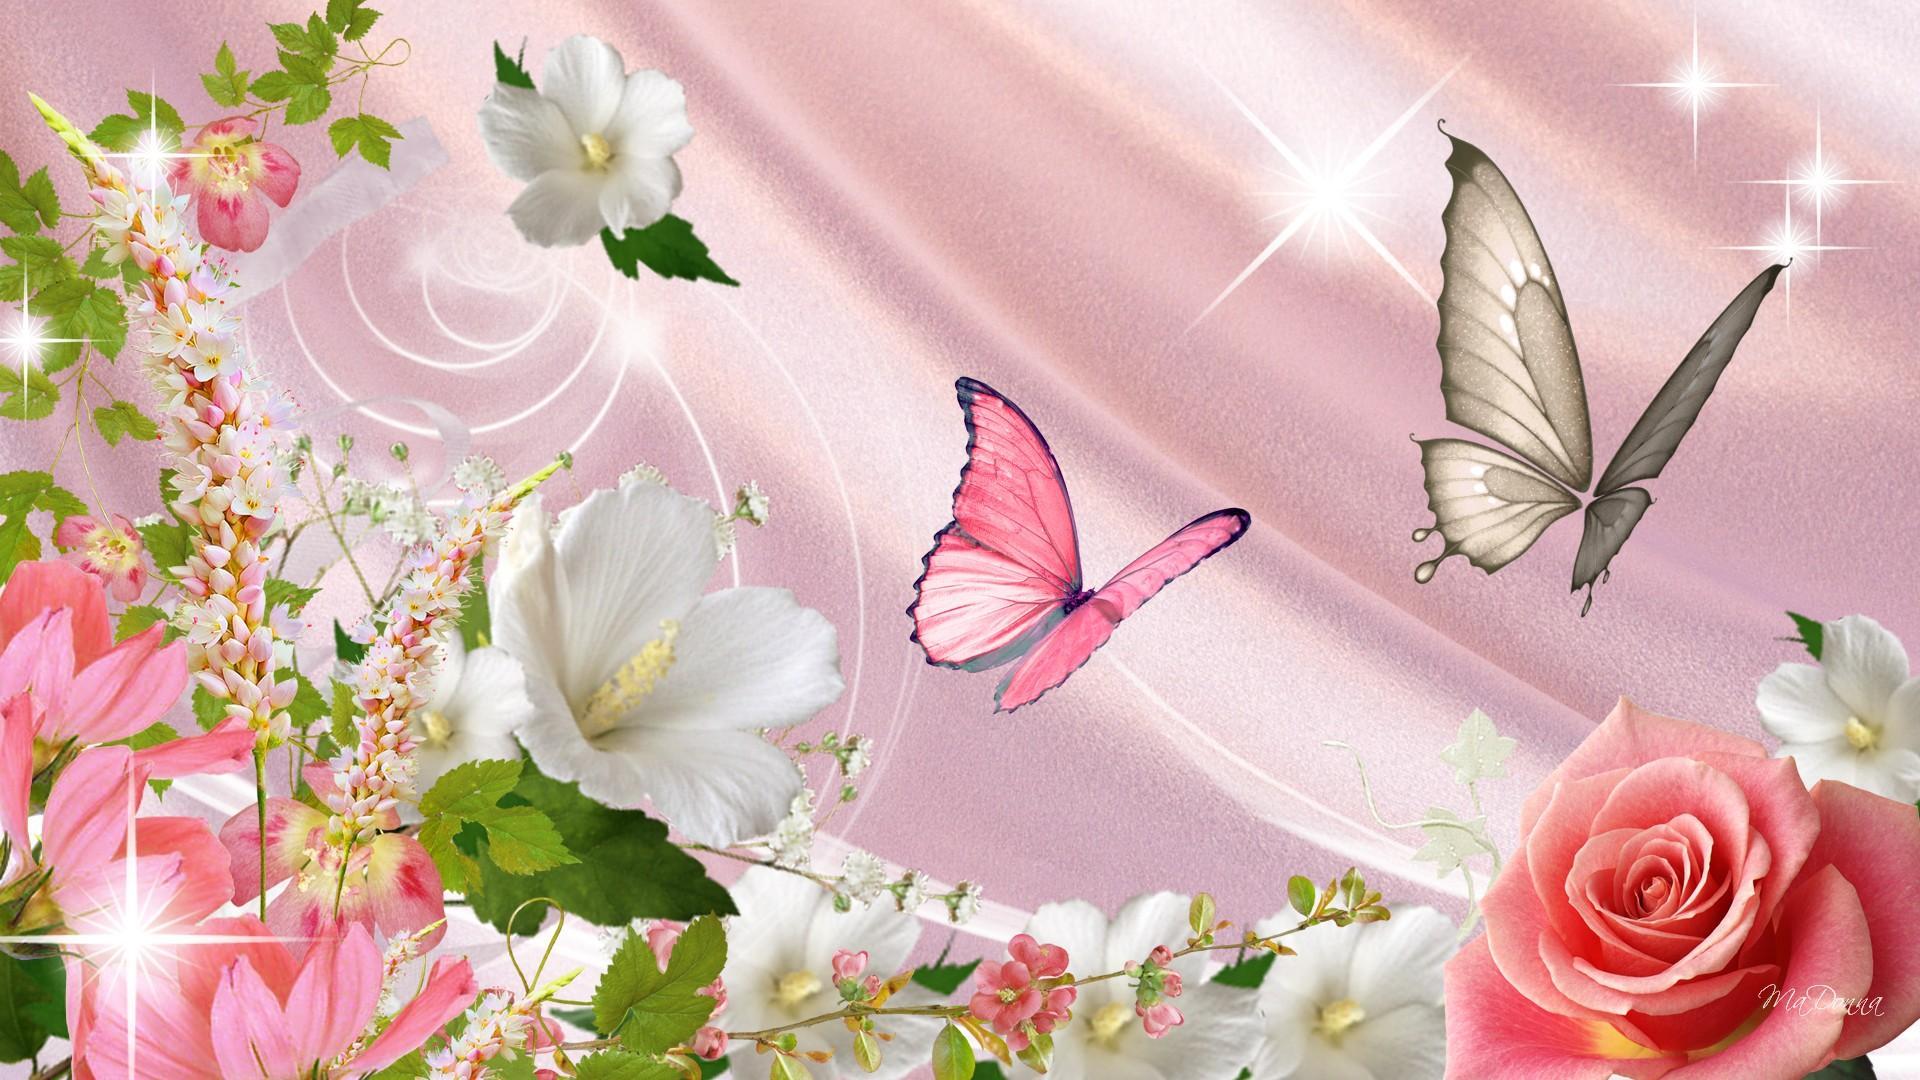 Wallpaper Butterflies and Flowers 1920x1080